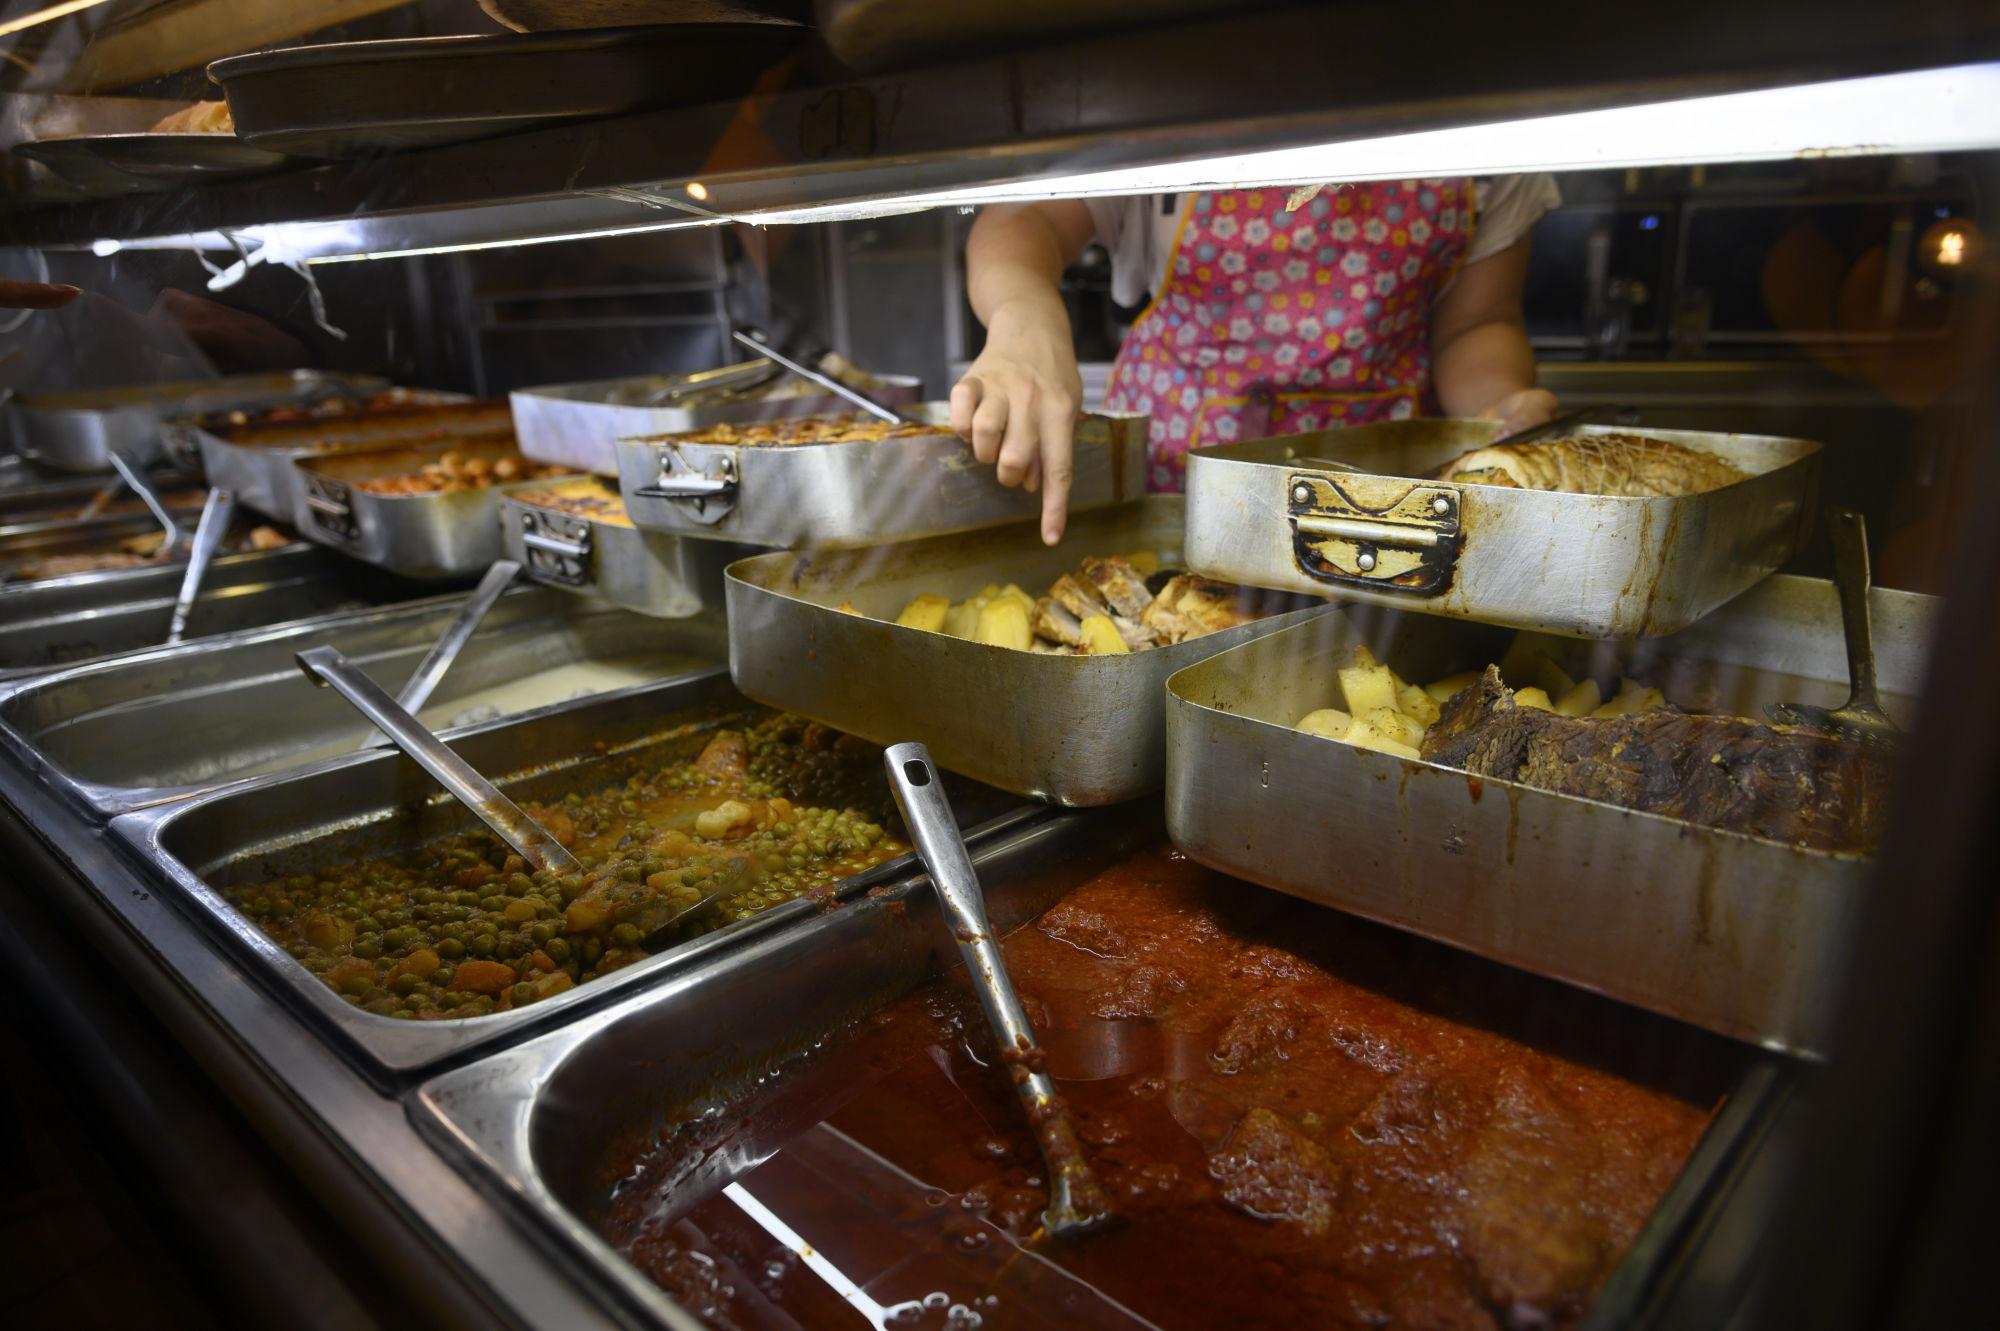 """Εστιατόριο """"Οι νοστιμιές της Μαίρης"""". Αφιέρωμα στην Κυψέλη. Τρίτη 8 Οκτωβρίου 2019. Φωτογραφίες: Oneman.gr / Φραντζέσκα Γιαϊτζόγλου – Watkinson"""